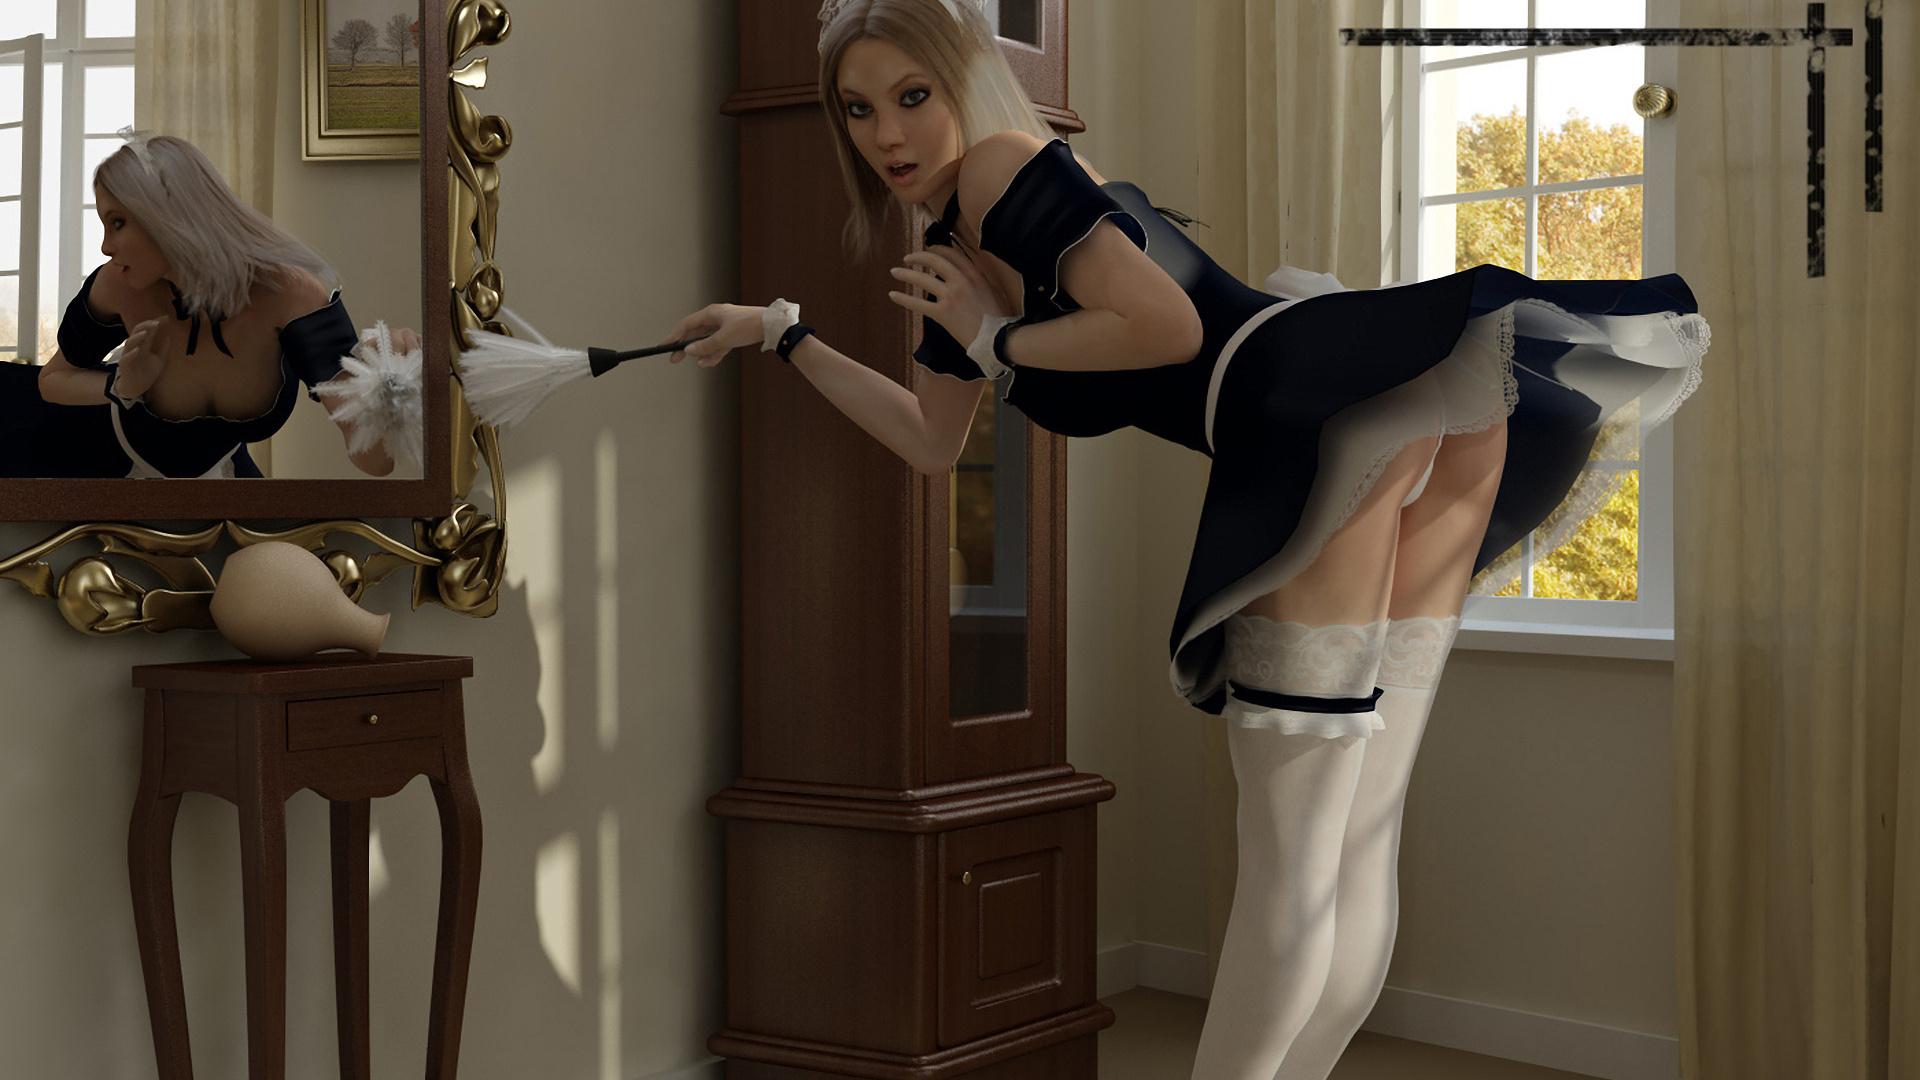 Ролевые игры блондинок, Ролевая игра блондинок лесбиянок 27 фотография